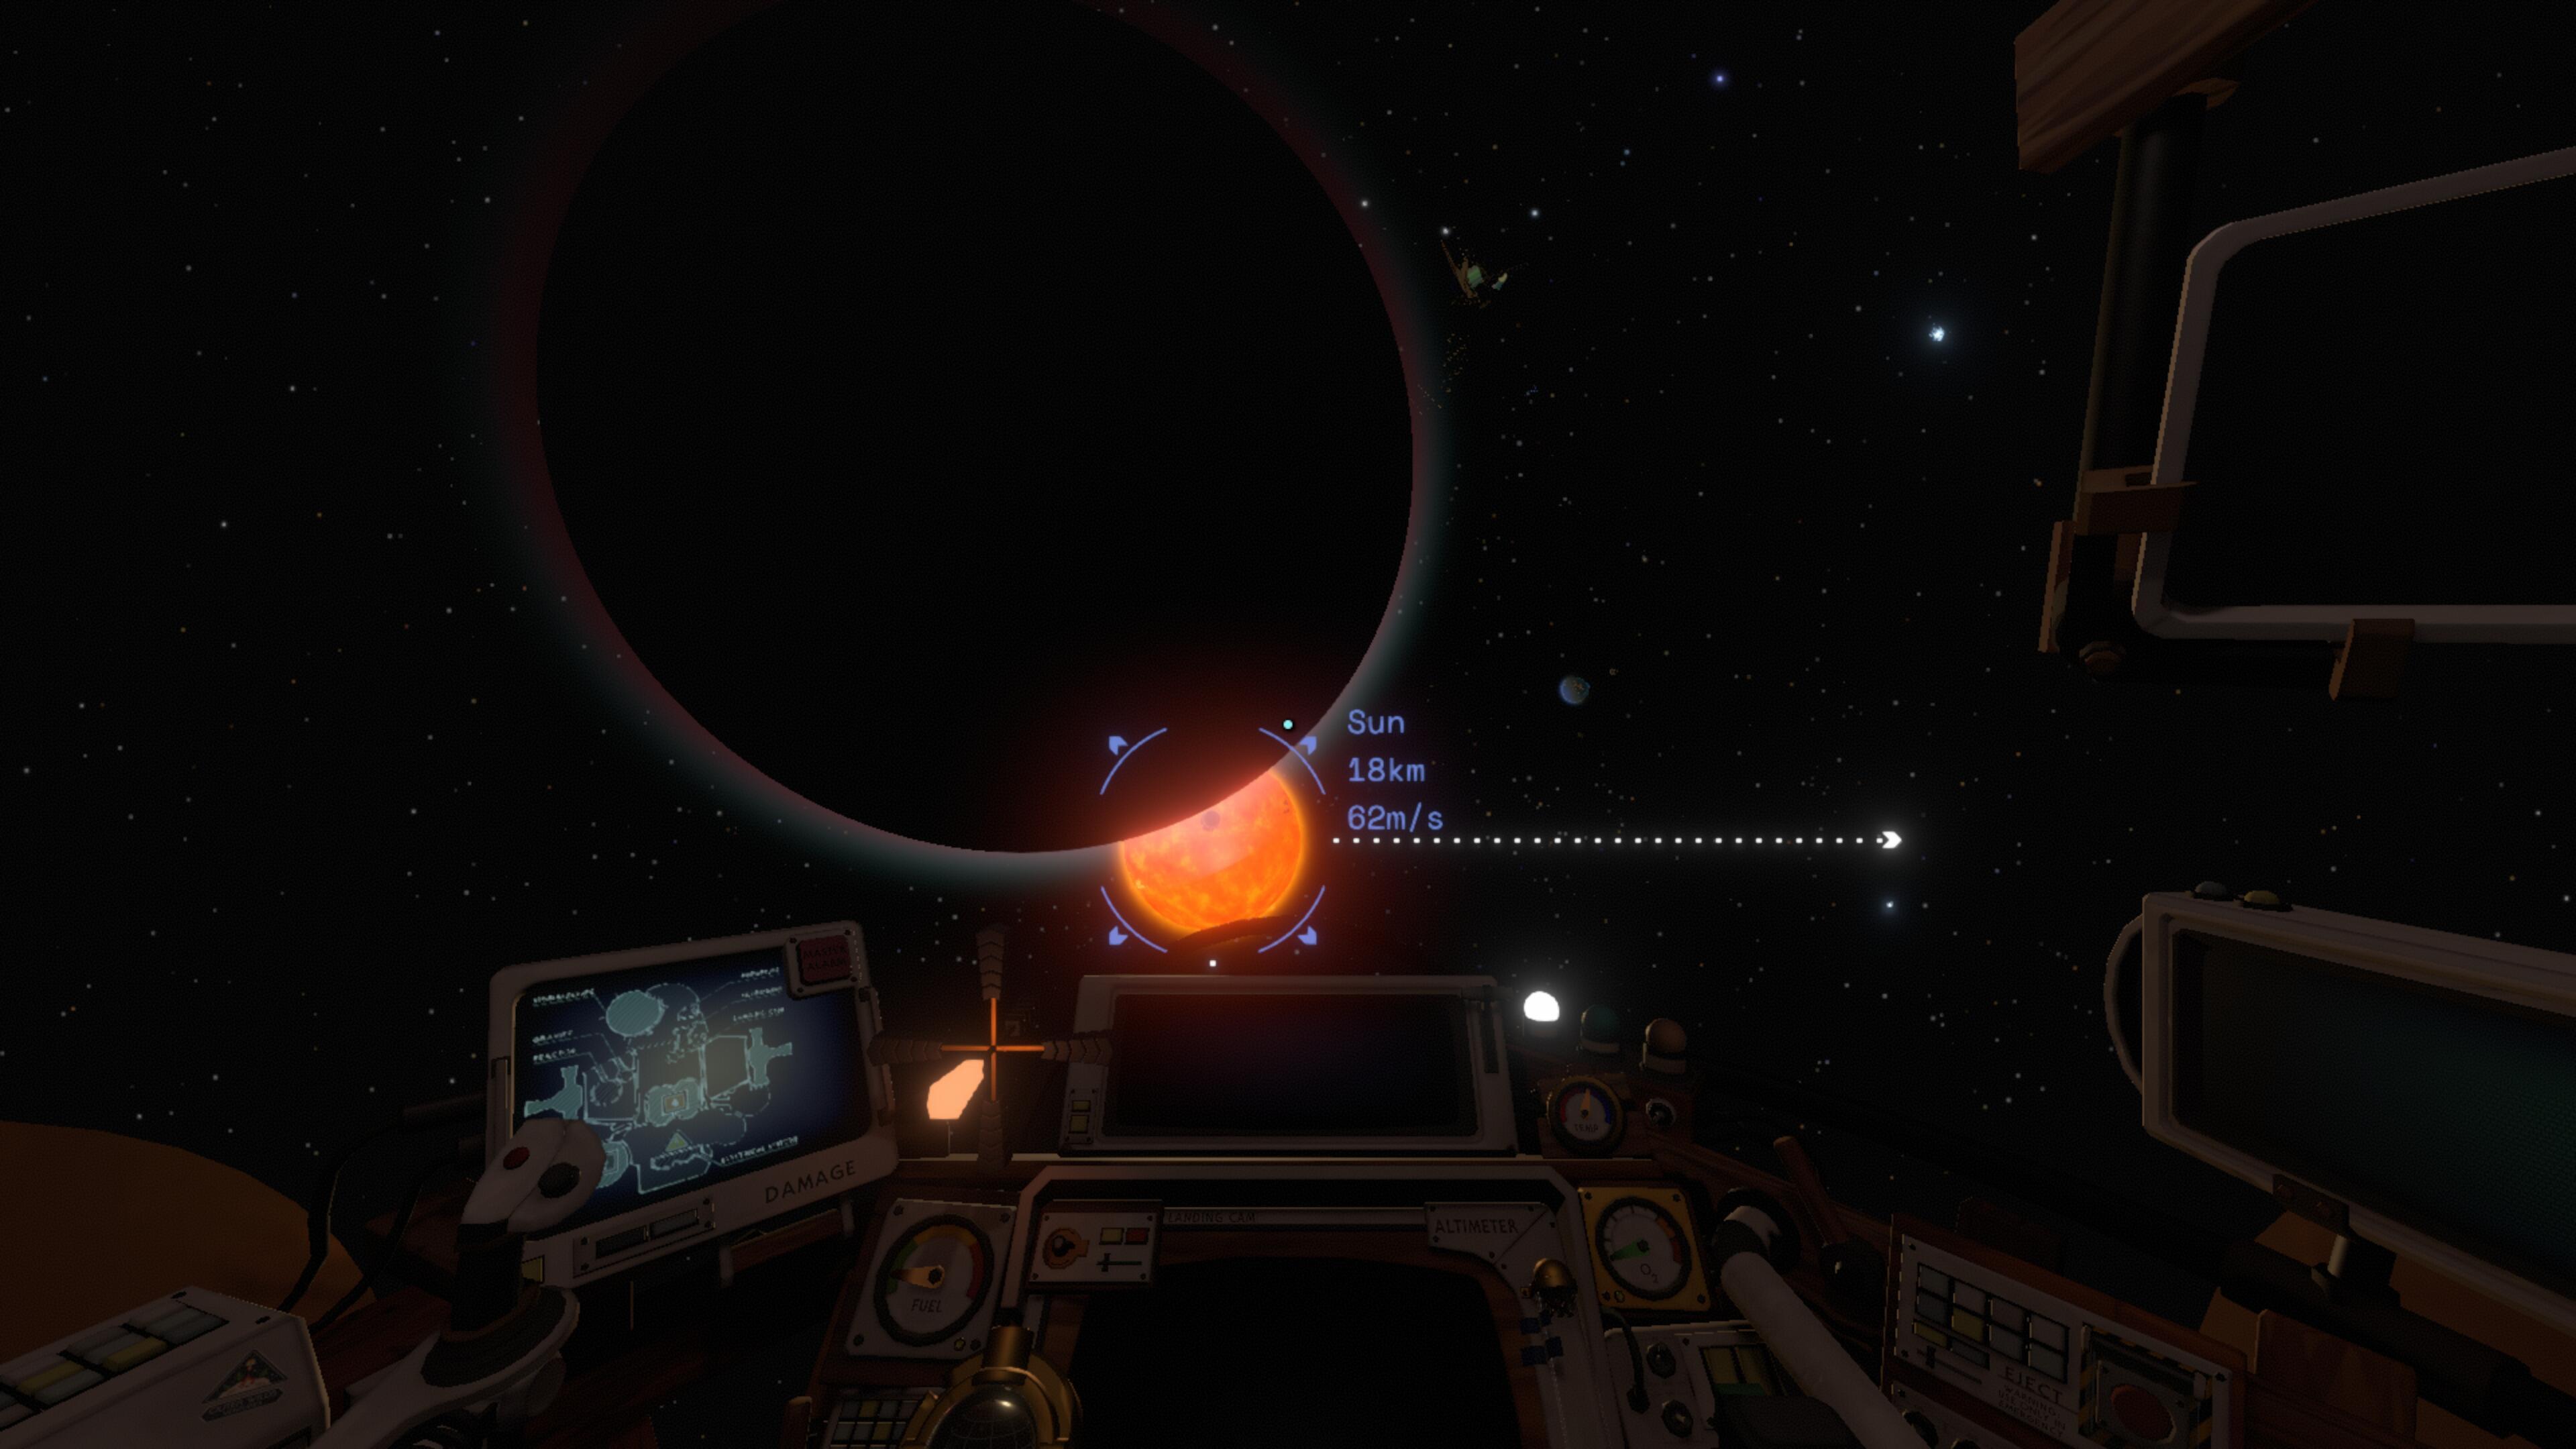 j'ai la planète en contre-jour et le soleil en face à 18km